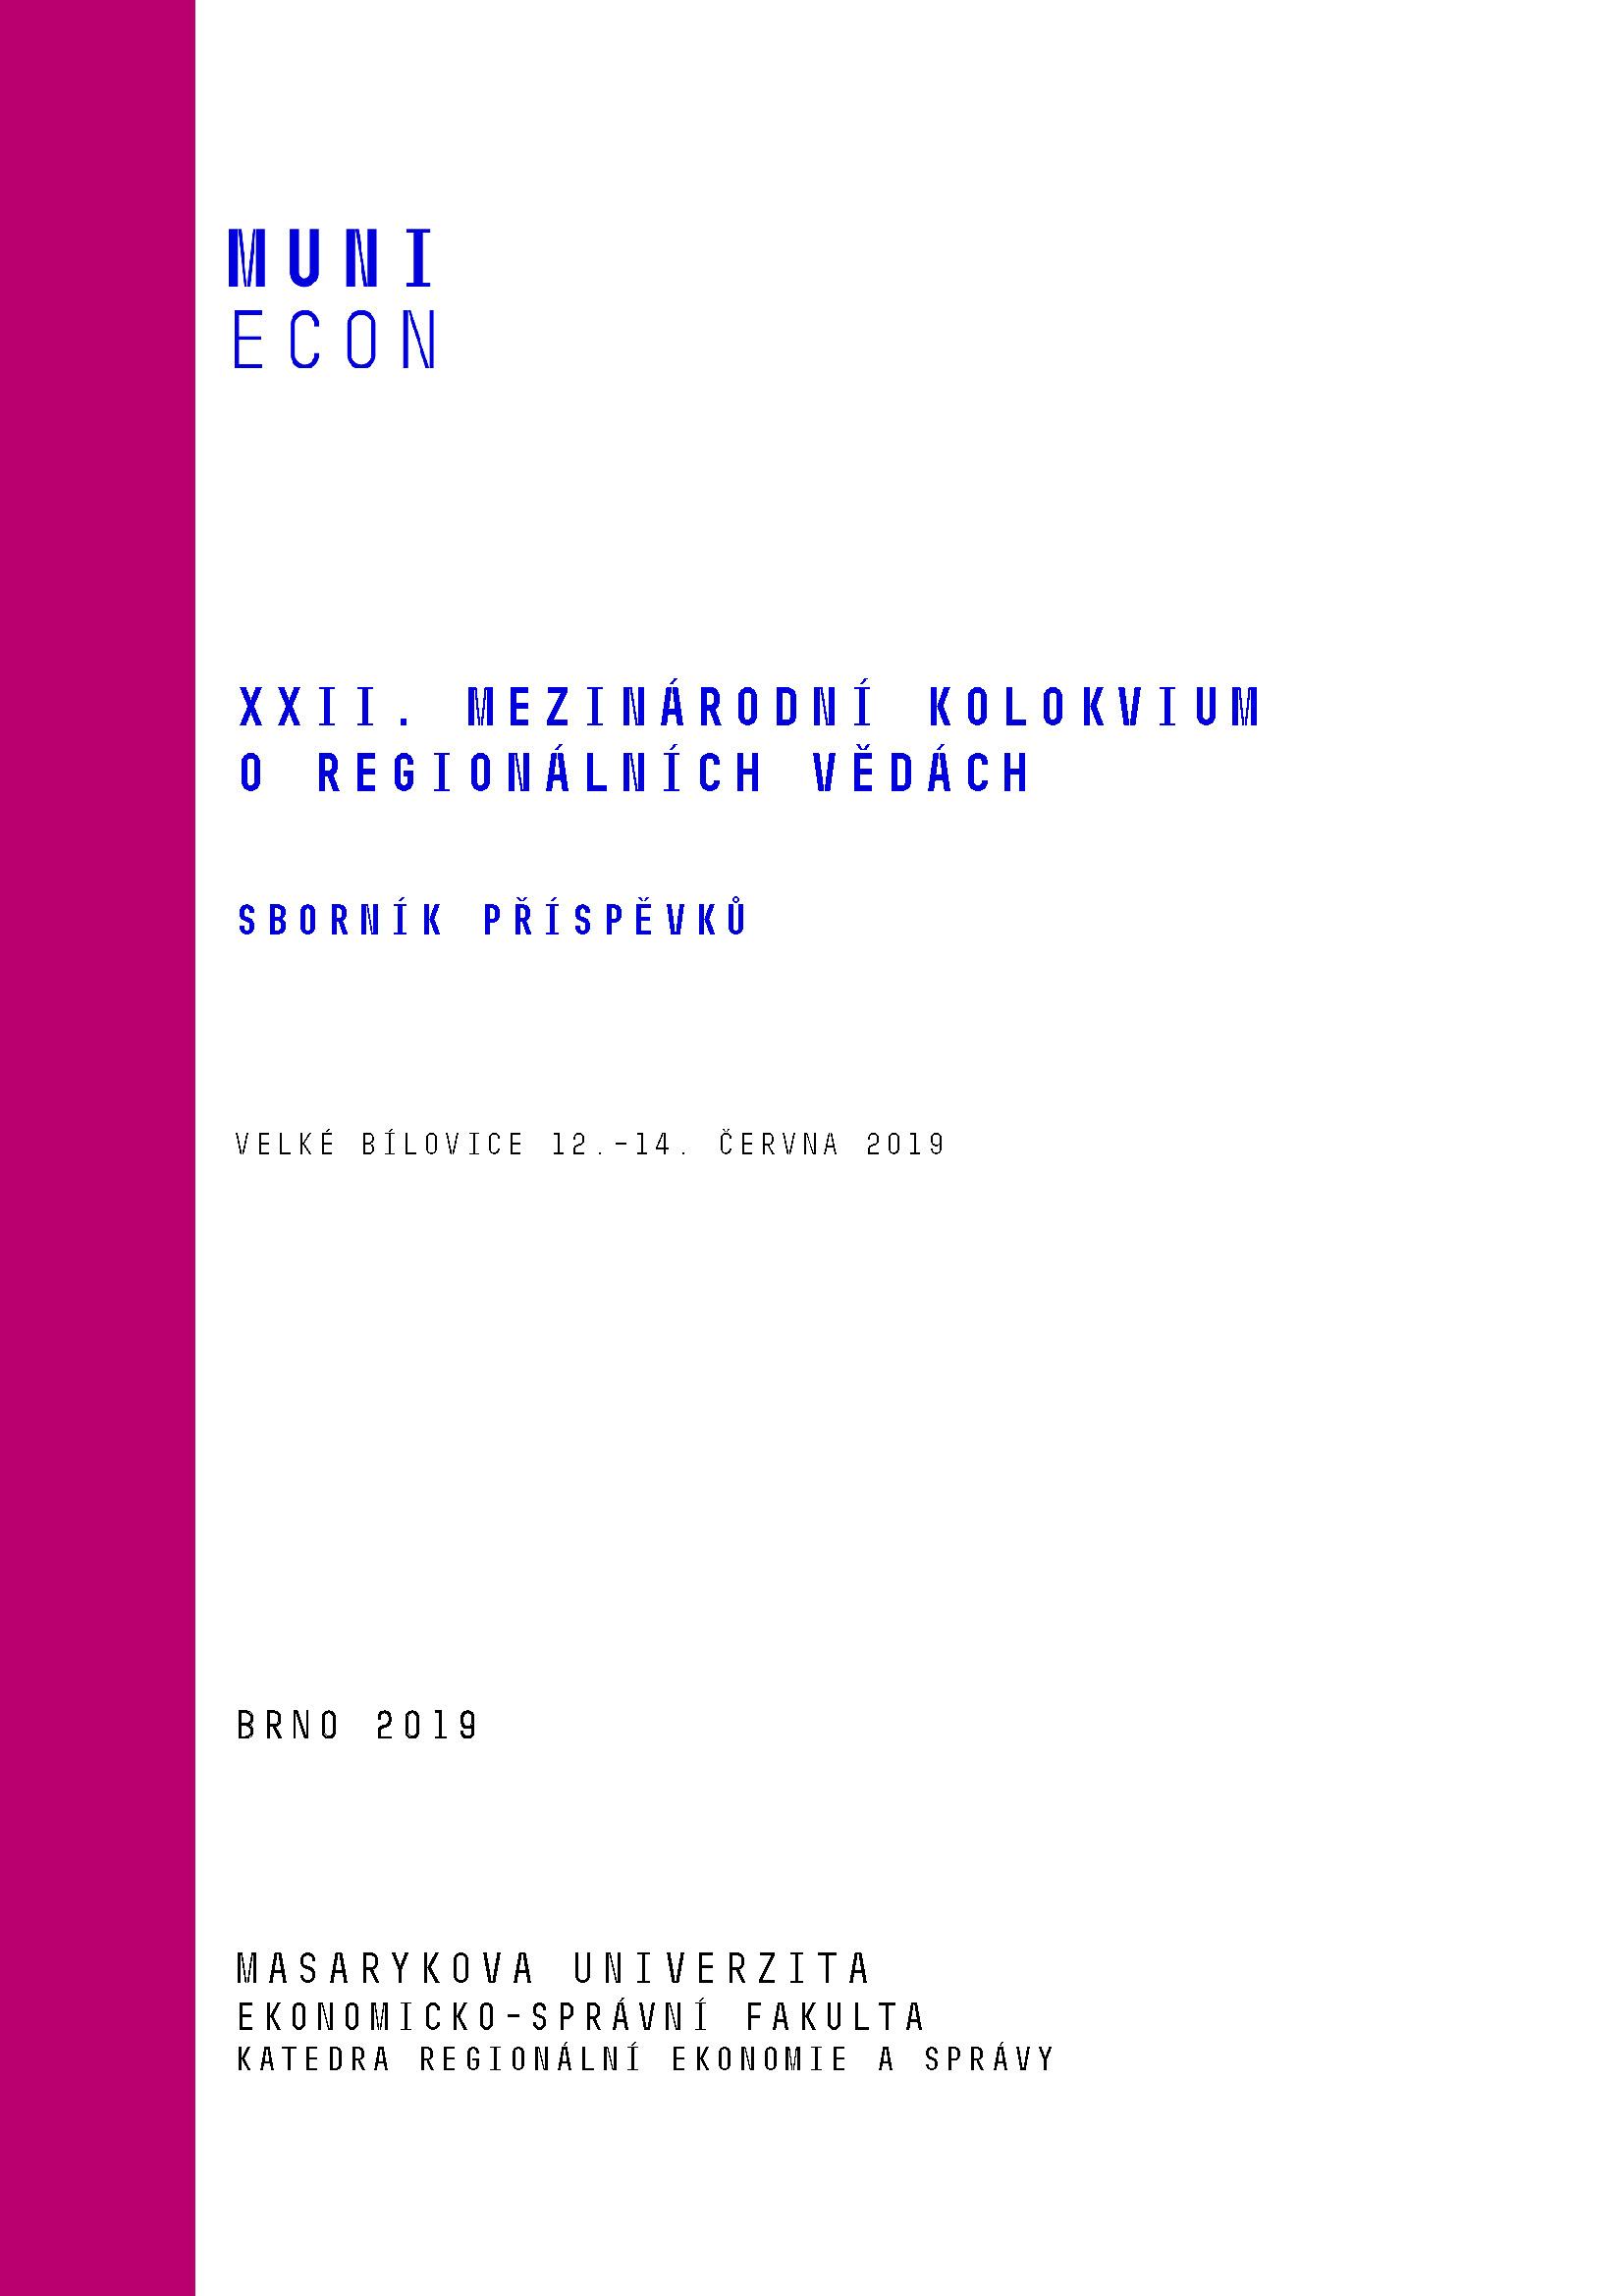 Obálka pro XXII. Mezinárodní kolokvium o regionálních vědách. Sborník příspěvků